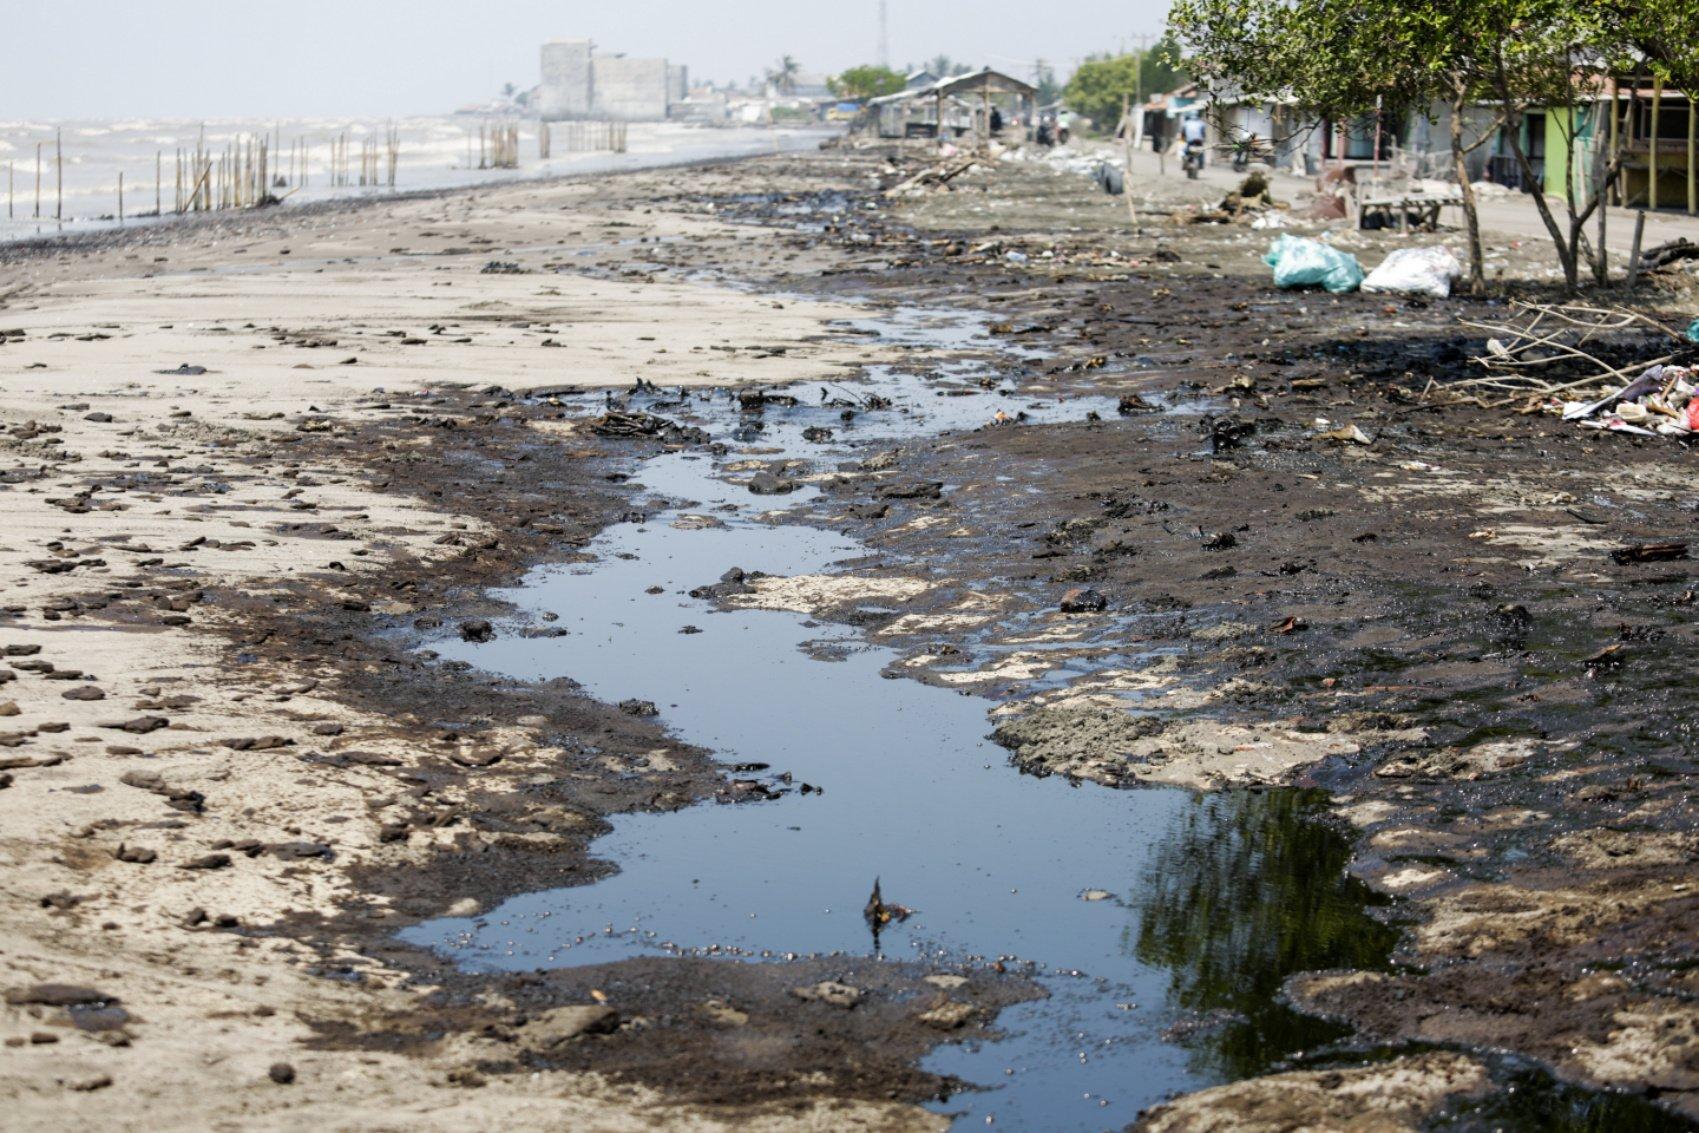 Tumpahan minyak milik Pertamina terserak di Pesisir Pantai Cemarajaya, Karawang, Jawa Barat, Jumat (2/8/2019). Pasir yang tercemar minyak tersebut dikumpulkan untuk dipindahkan ke pabrik penyimpanan limbah Bahan Berbahaya dan Beracun (B3).